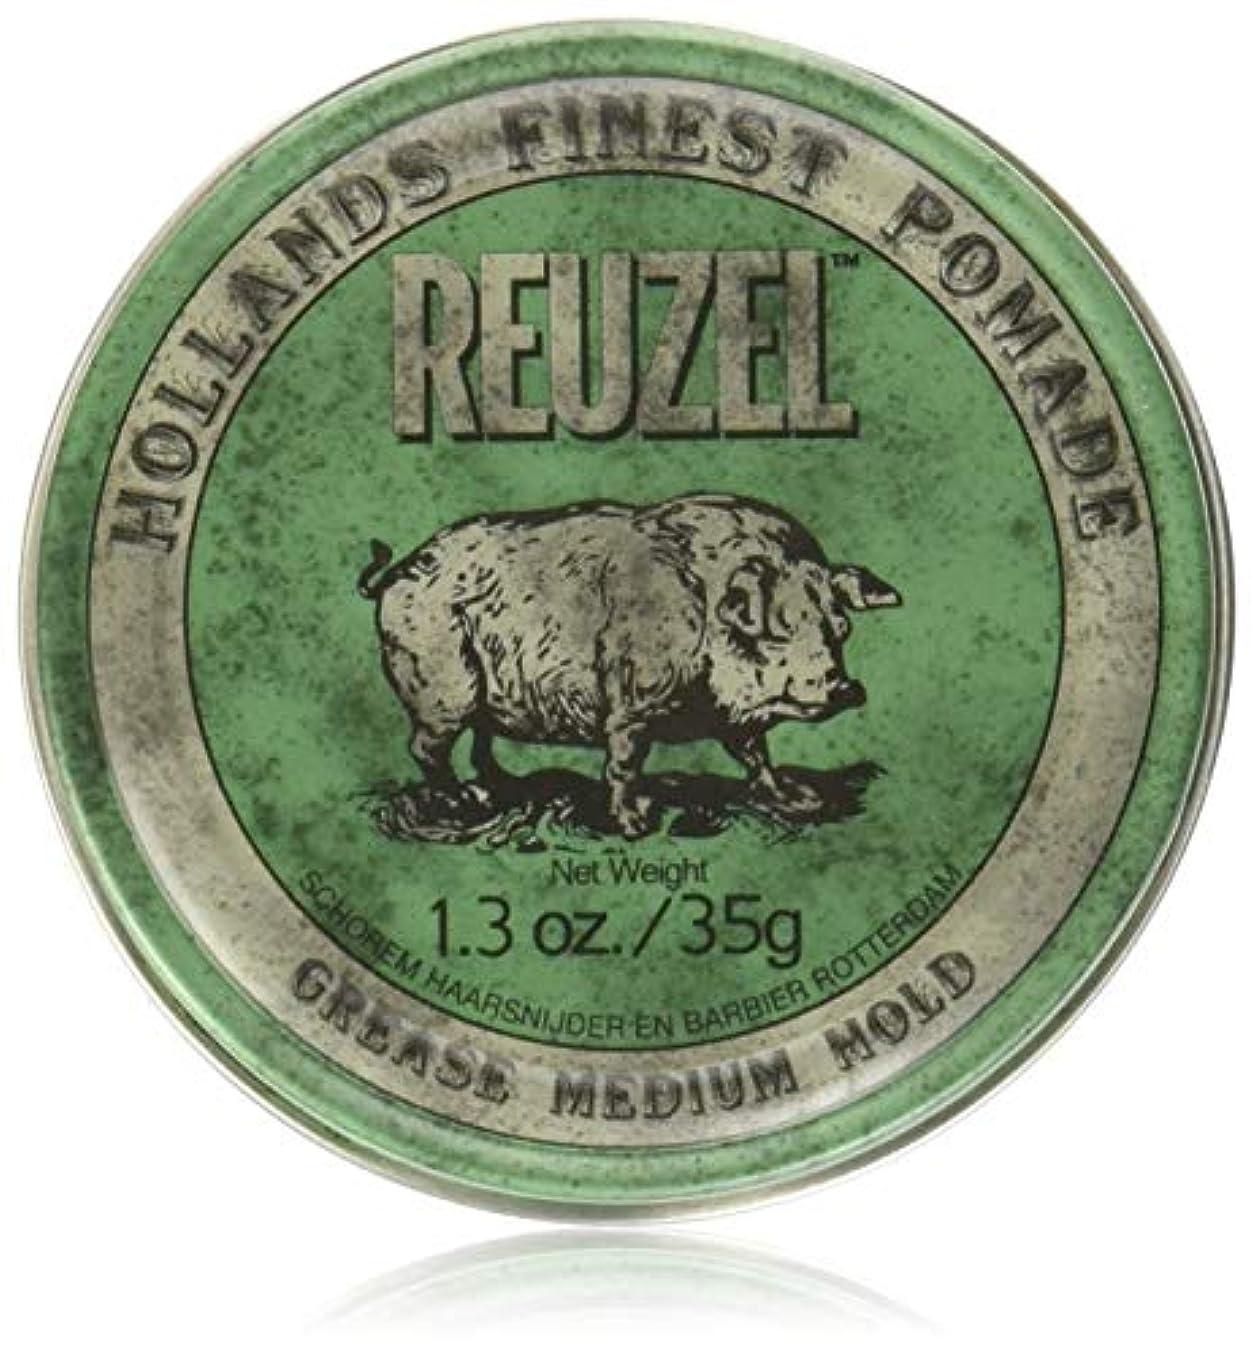 バッグガソリンREUZEL Grease Hold Hair Styling Pomade Piglet Wax/Gel, Medium, Green, 1.3 oz, 35g by REUZEL